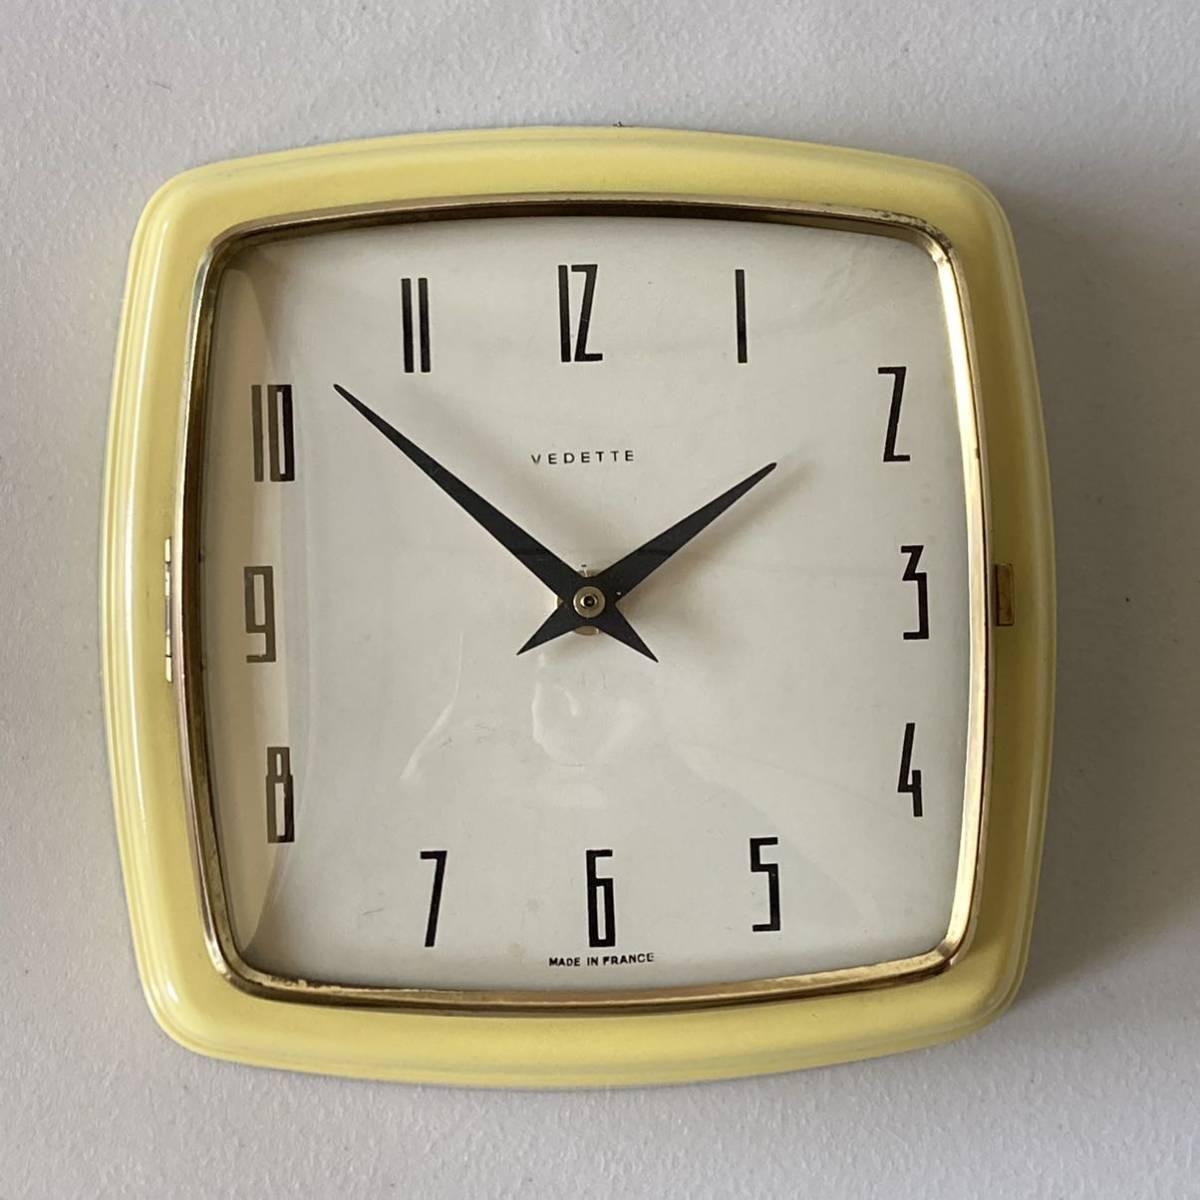 フランス ヴィンテージ ウォールクロック ミッドセンチュリー インテリア ディスプレイ 店舗什器 掛け時計 デザイン_画像1